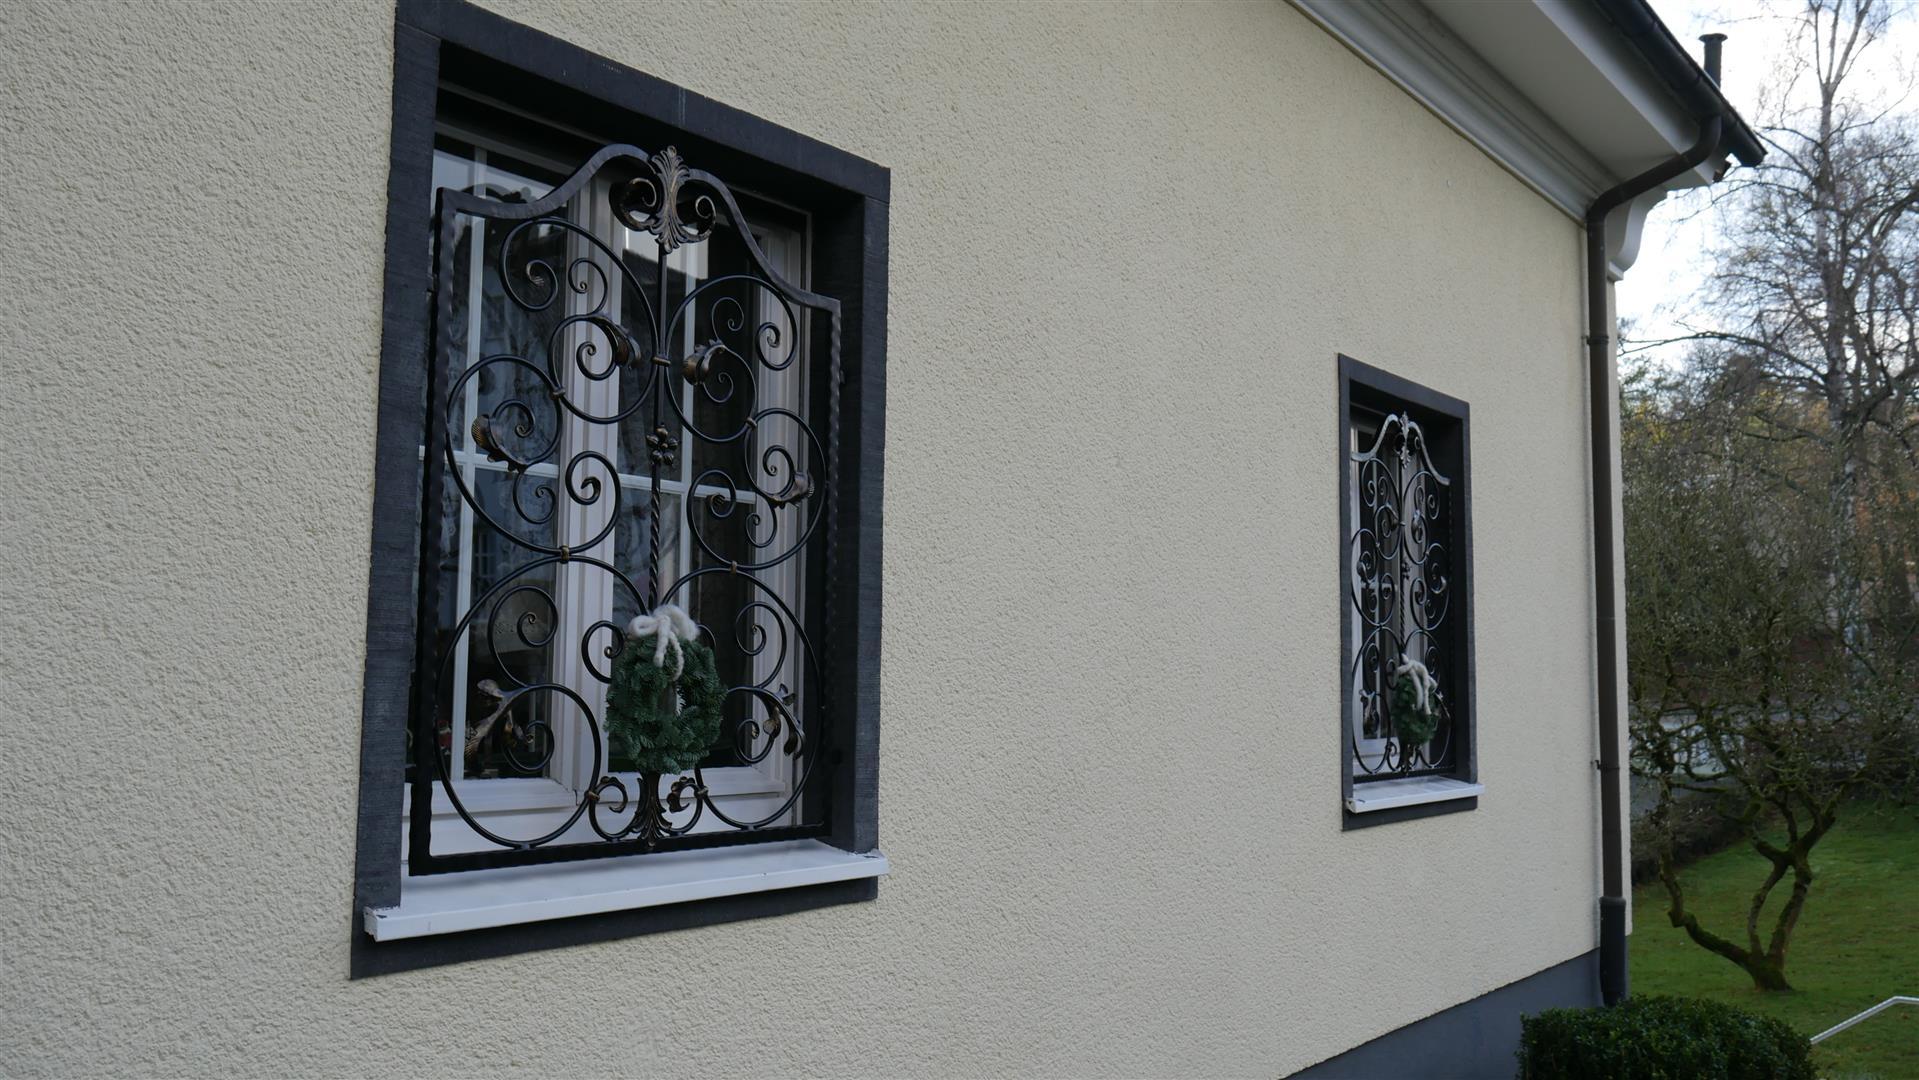 Full Size of Gitter Fenster Einbruchschutz Fenstergitter Hornbach Befestigung Küche Nobilia Immobilien Bad Homburg Mobile Obi Einbauküche Regale Immobilienmakler Baden Wohnzimmer Scherengitter Obi